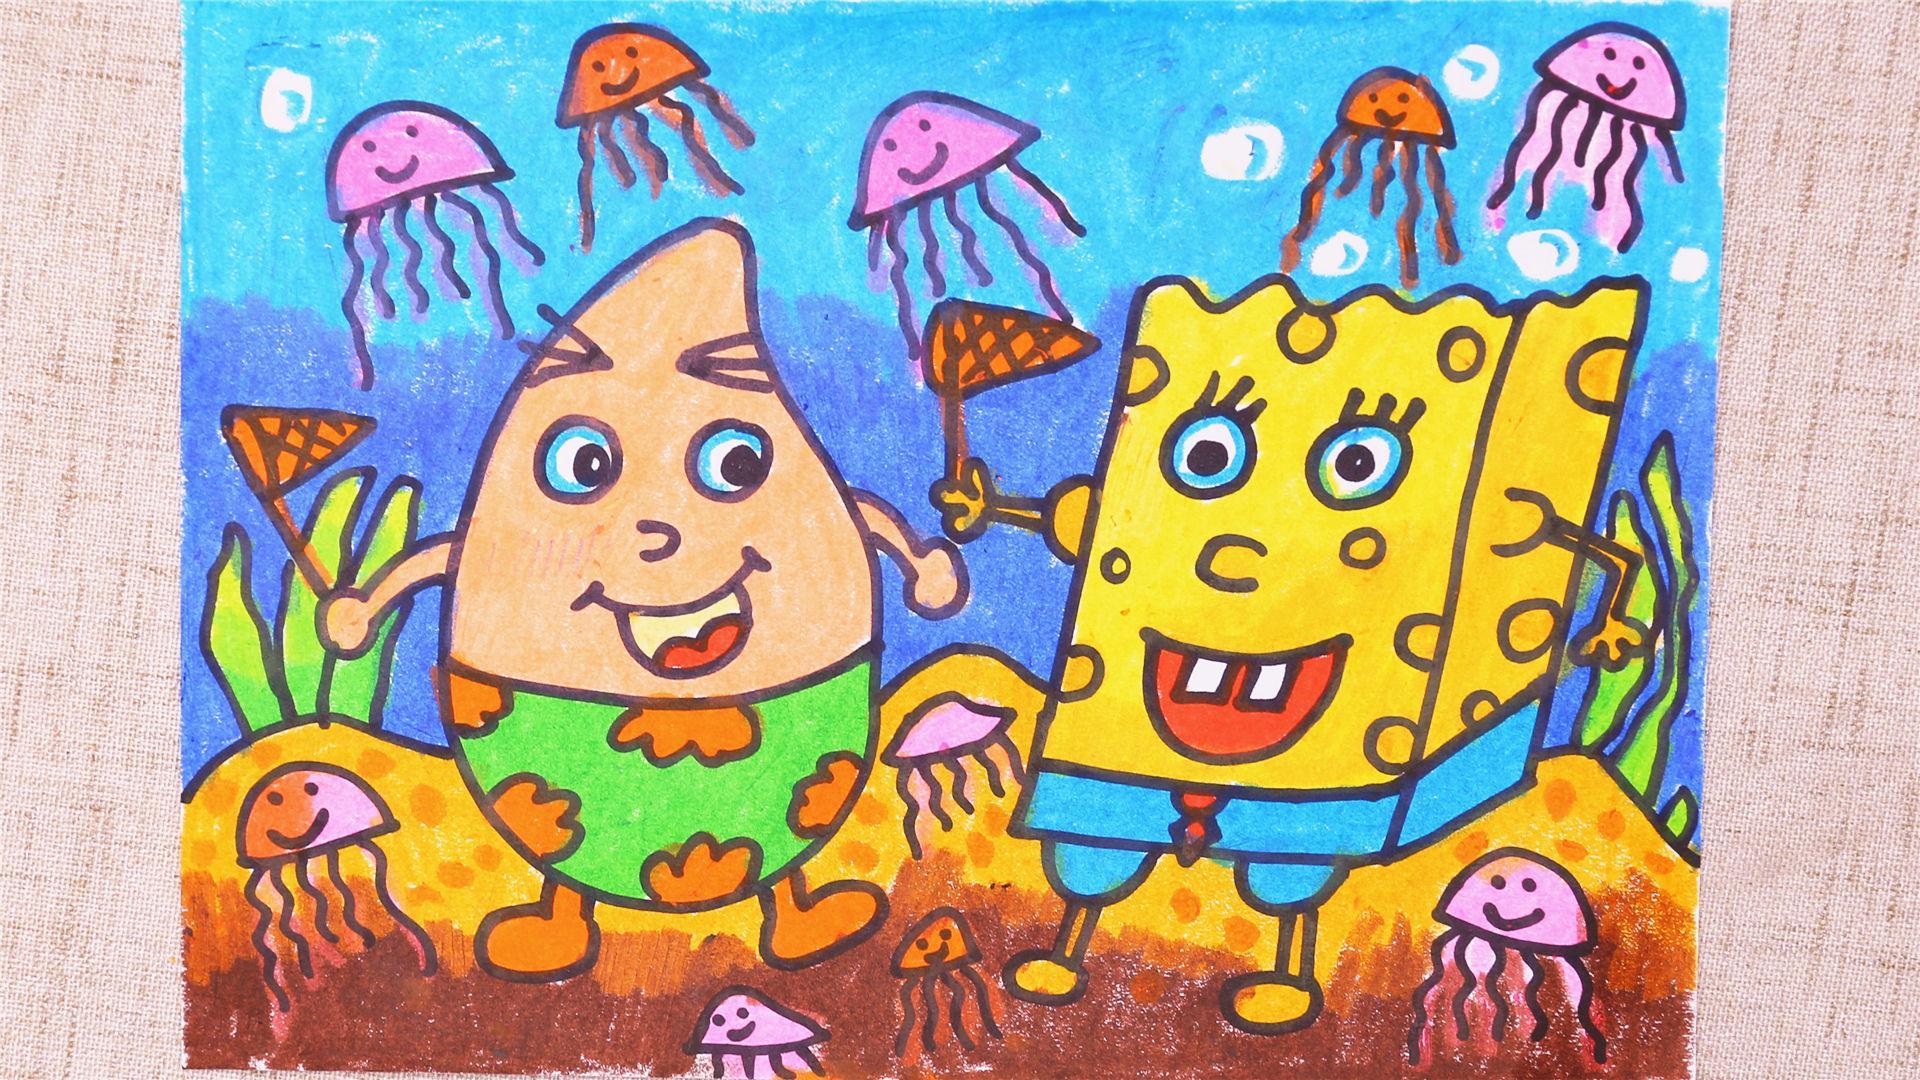 小爱的手作日记 儿童画海绵宝宝和派大星-小爱的简笔画-淘趣工坊